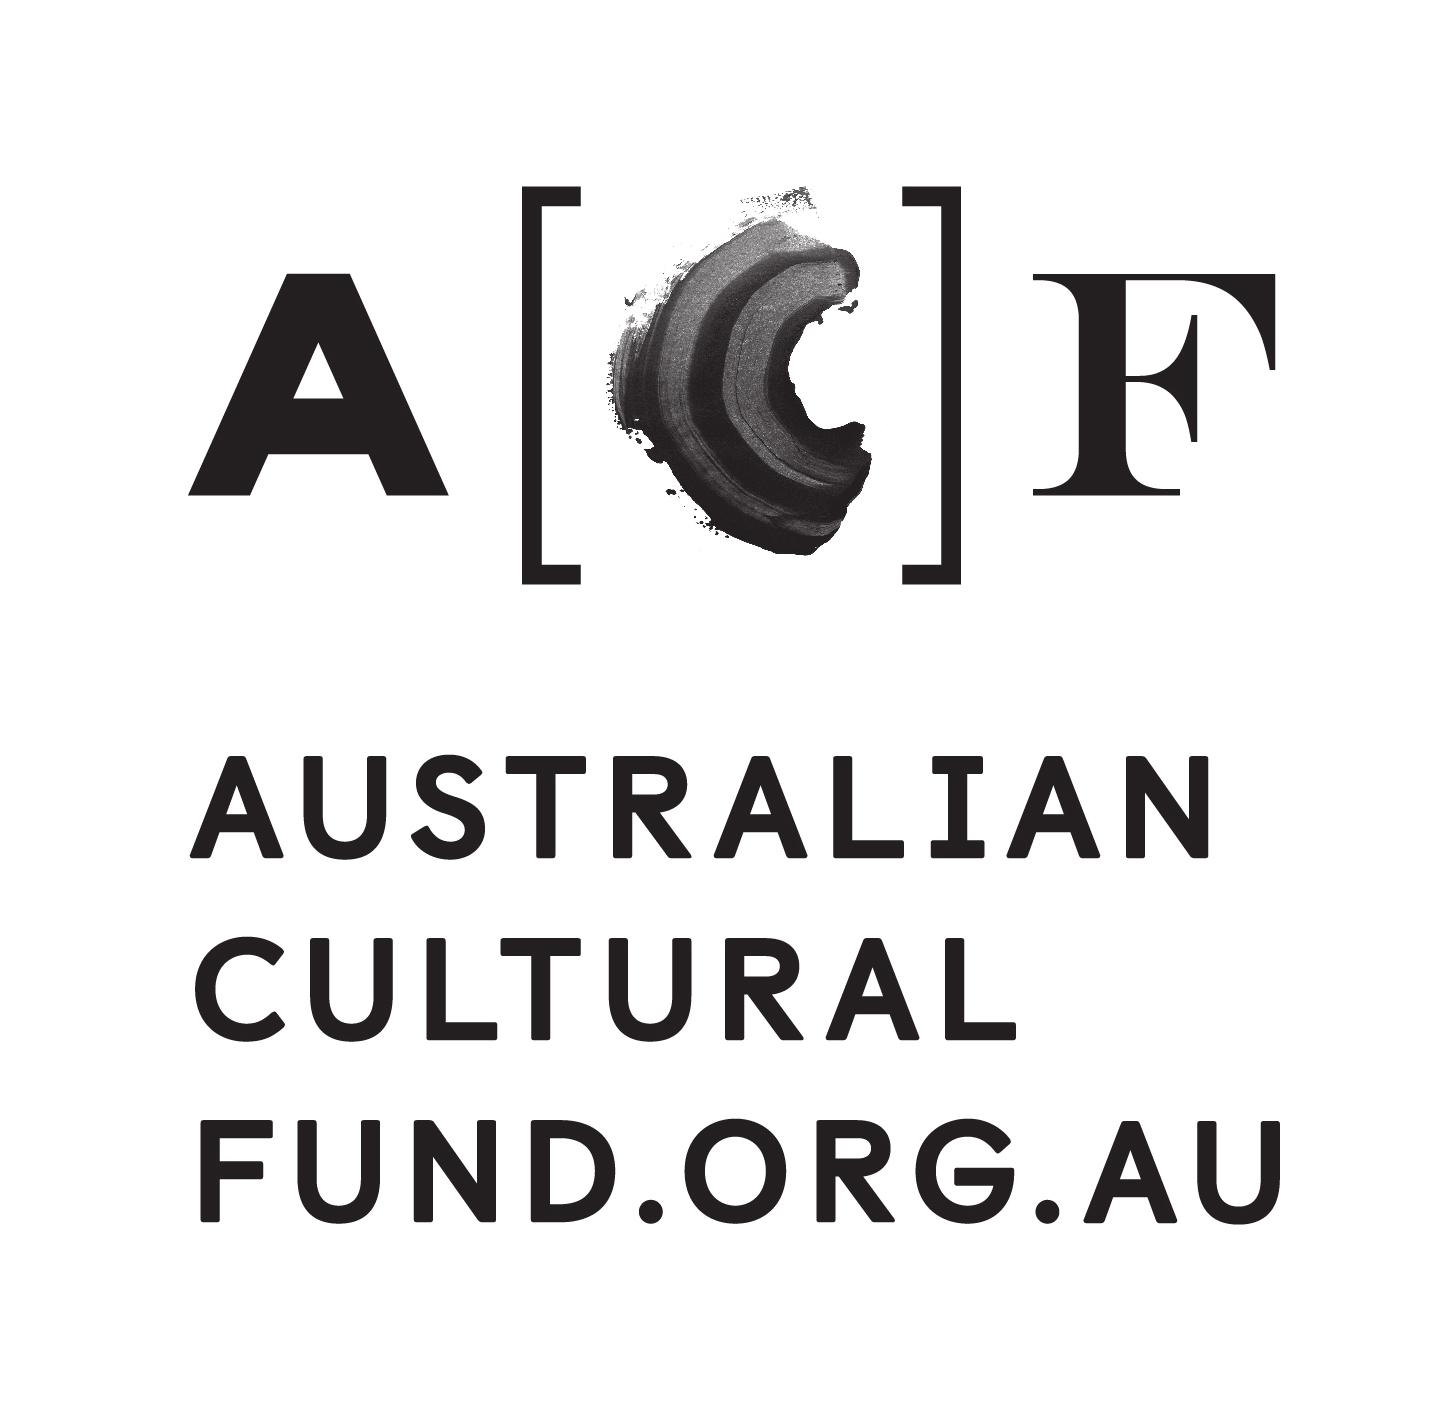 australianculturalfund.